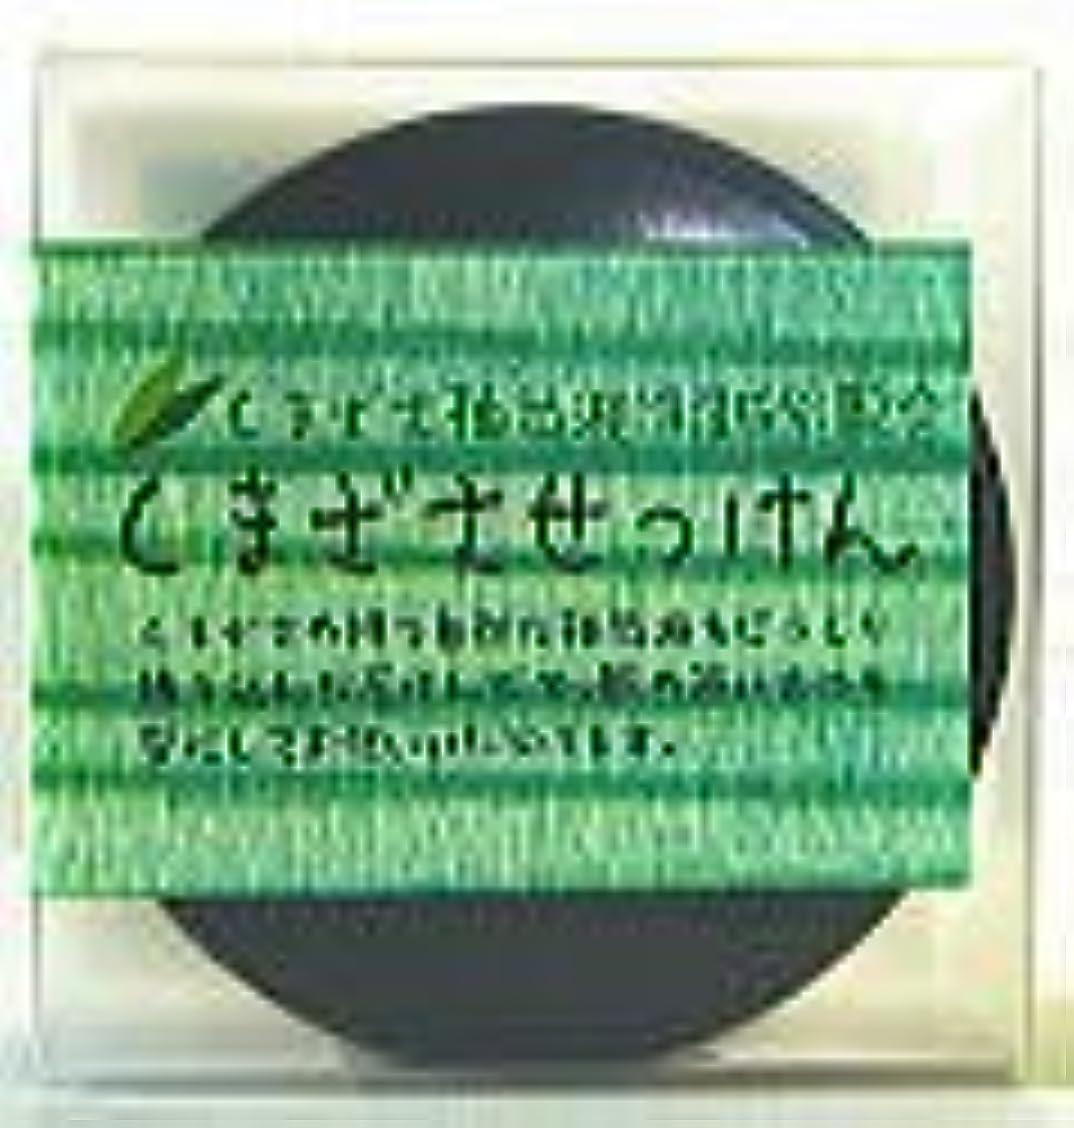 説明するスキャンダラスラッドヤードキップリングサンクロン クマザサ石鹸 100g×3